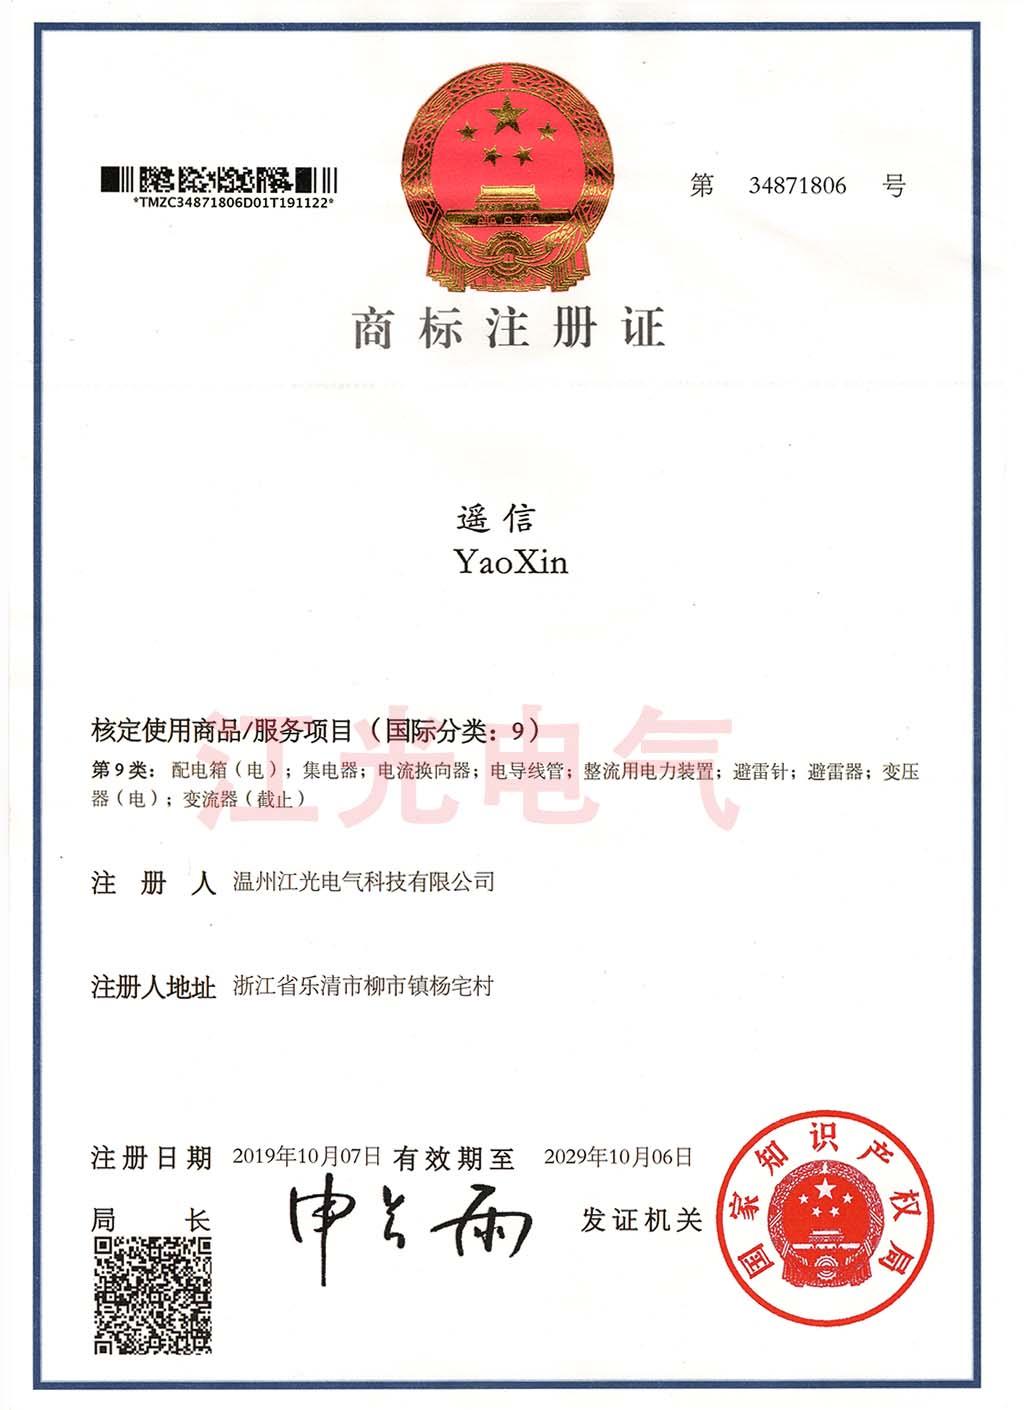 遥信yaoxin 商标证书